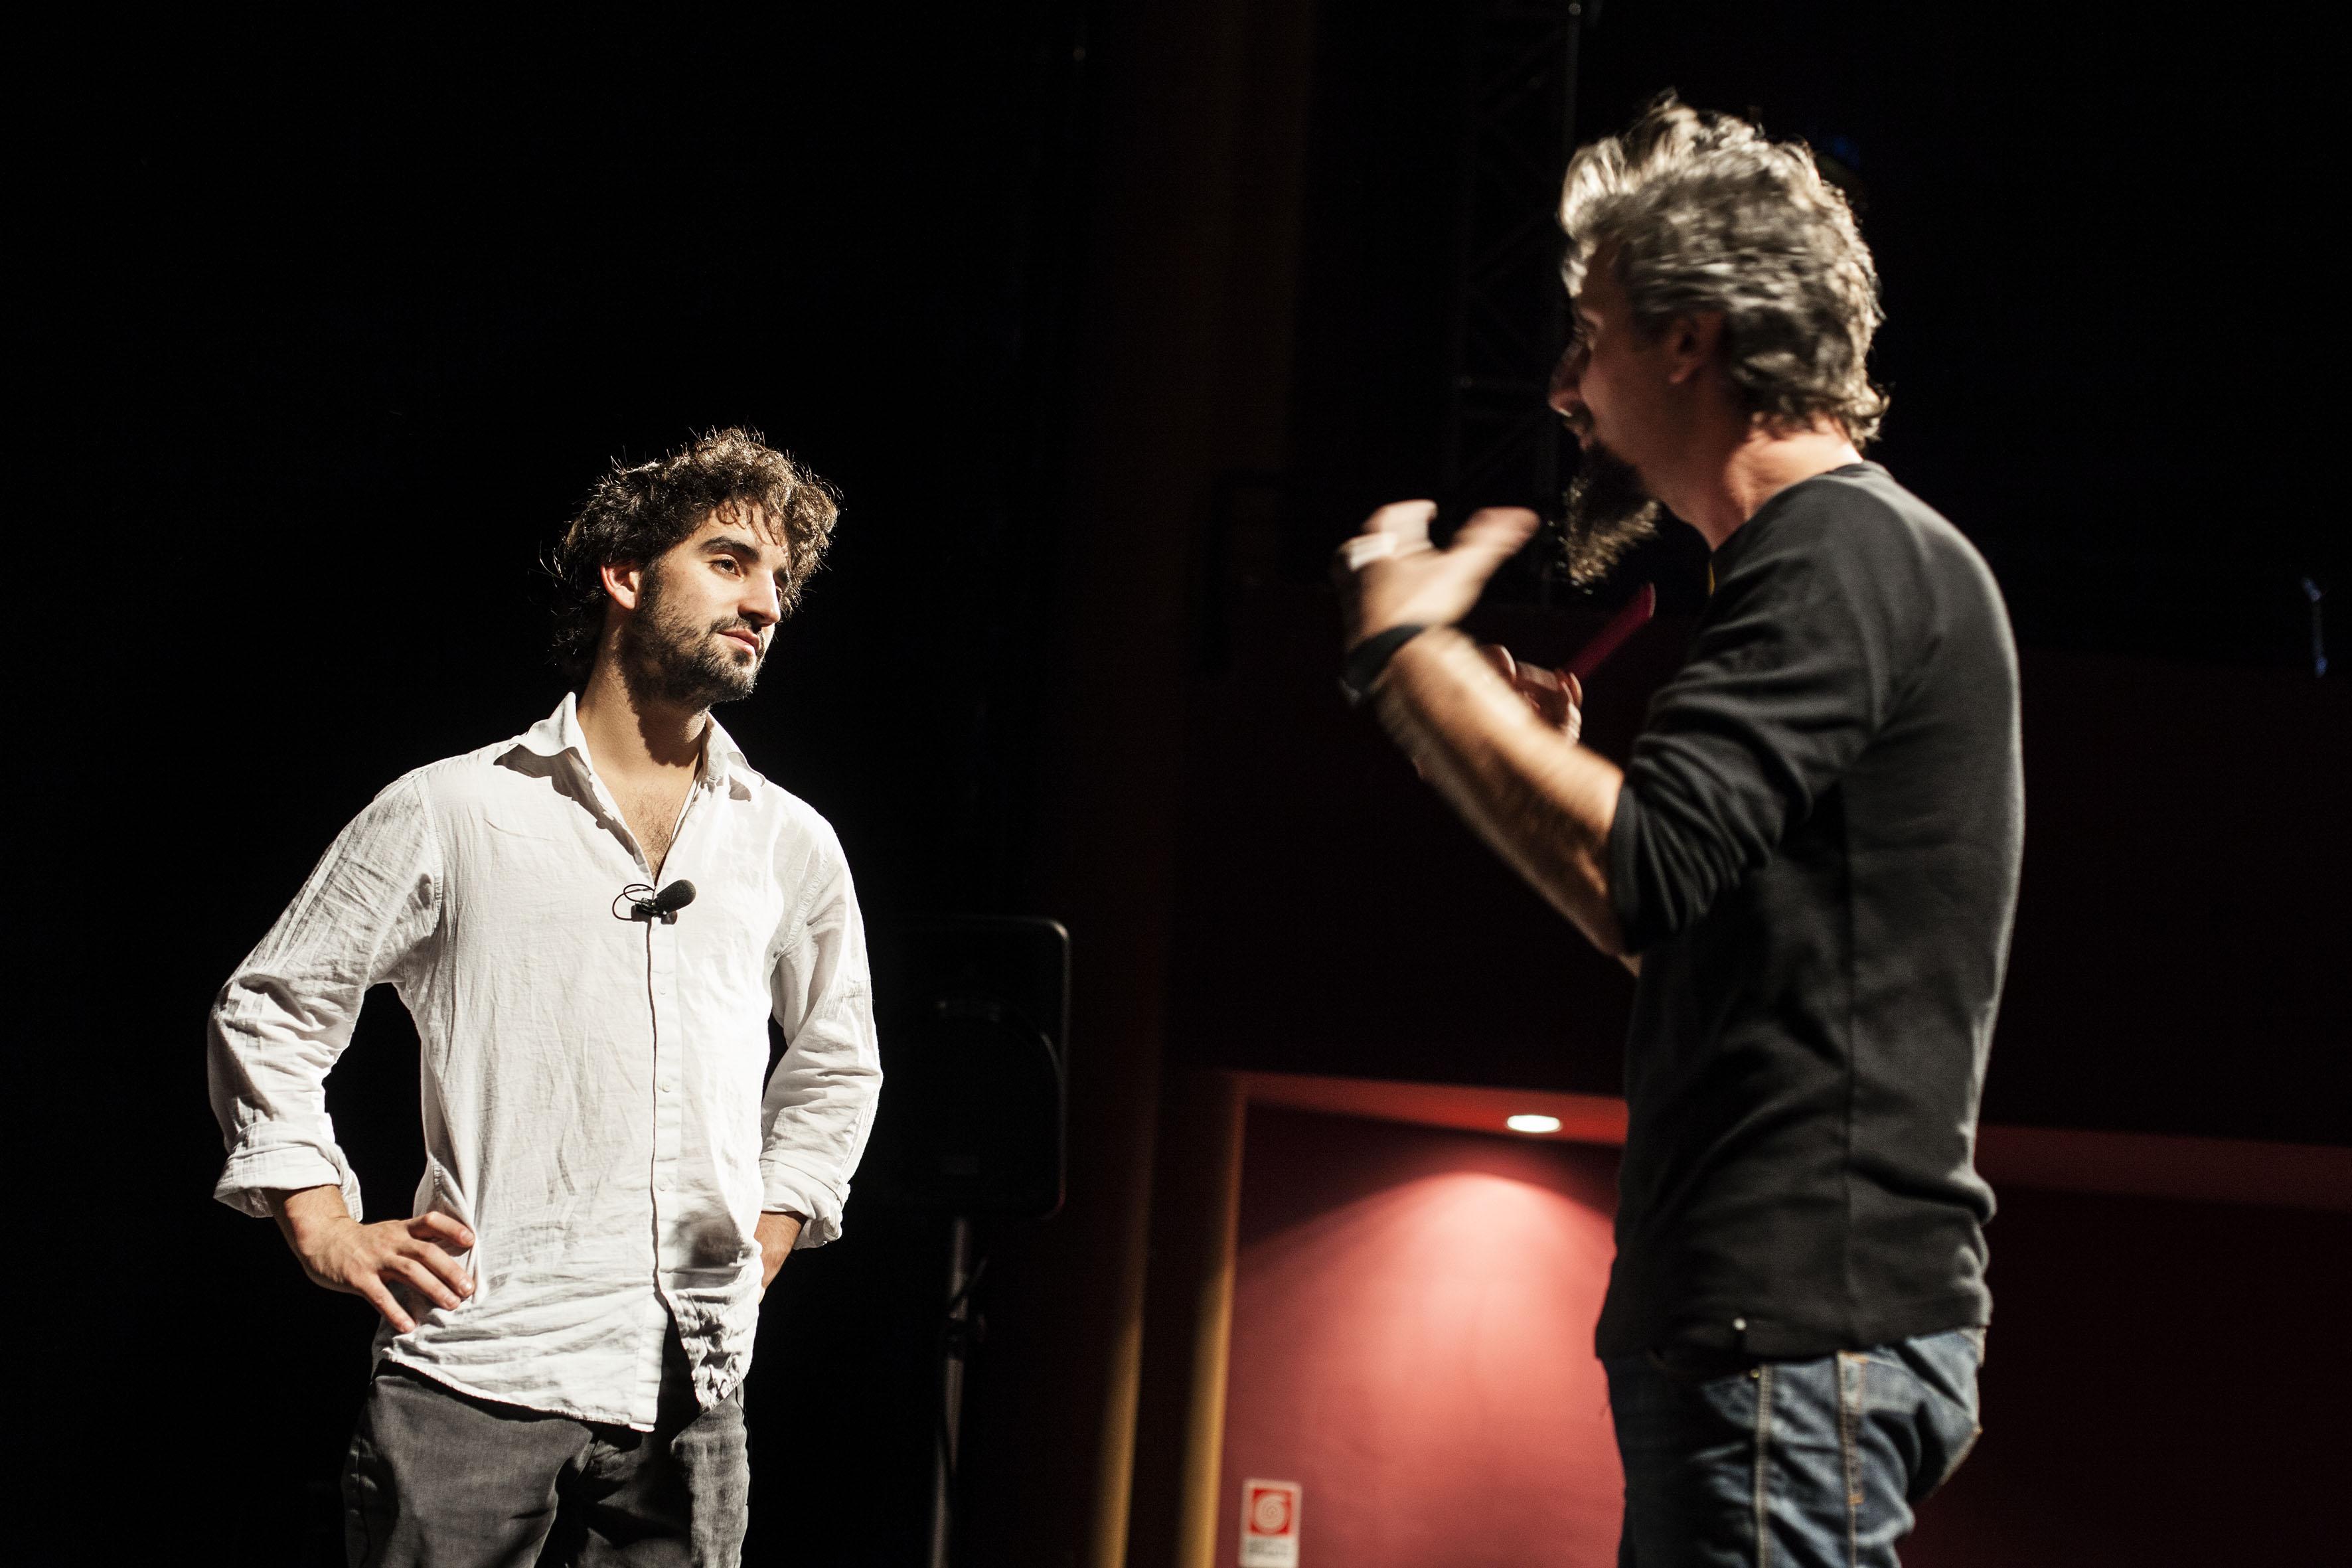 David Murgia et Ascanio Celestini. Photo Maia Iacovelli